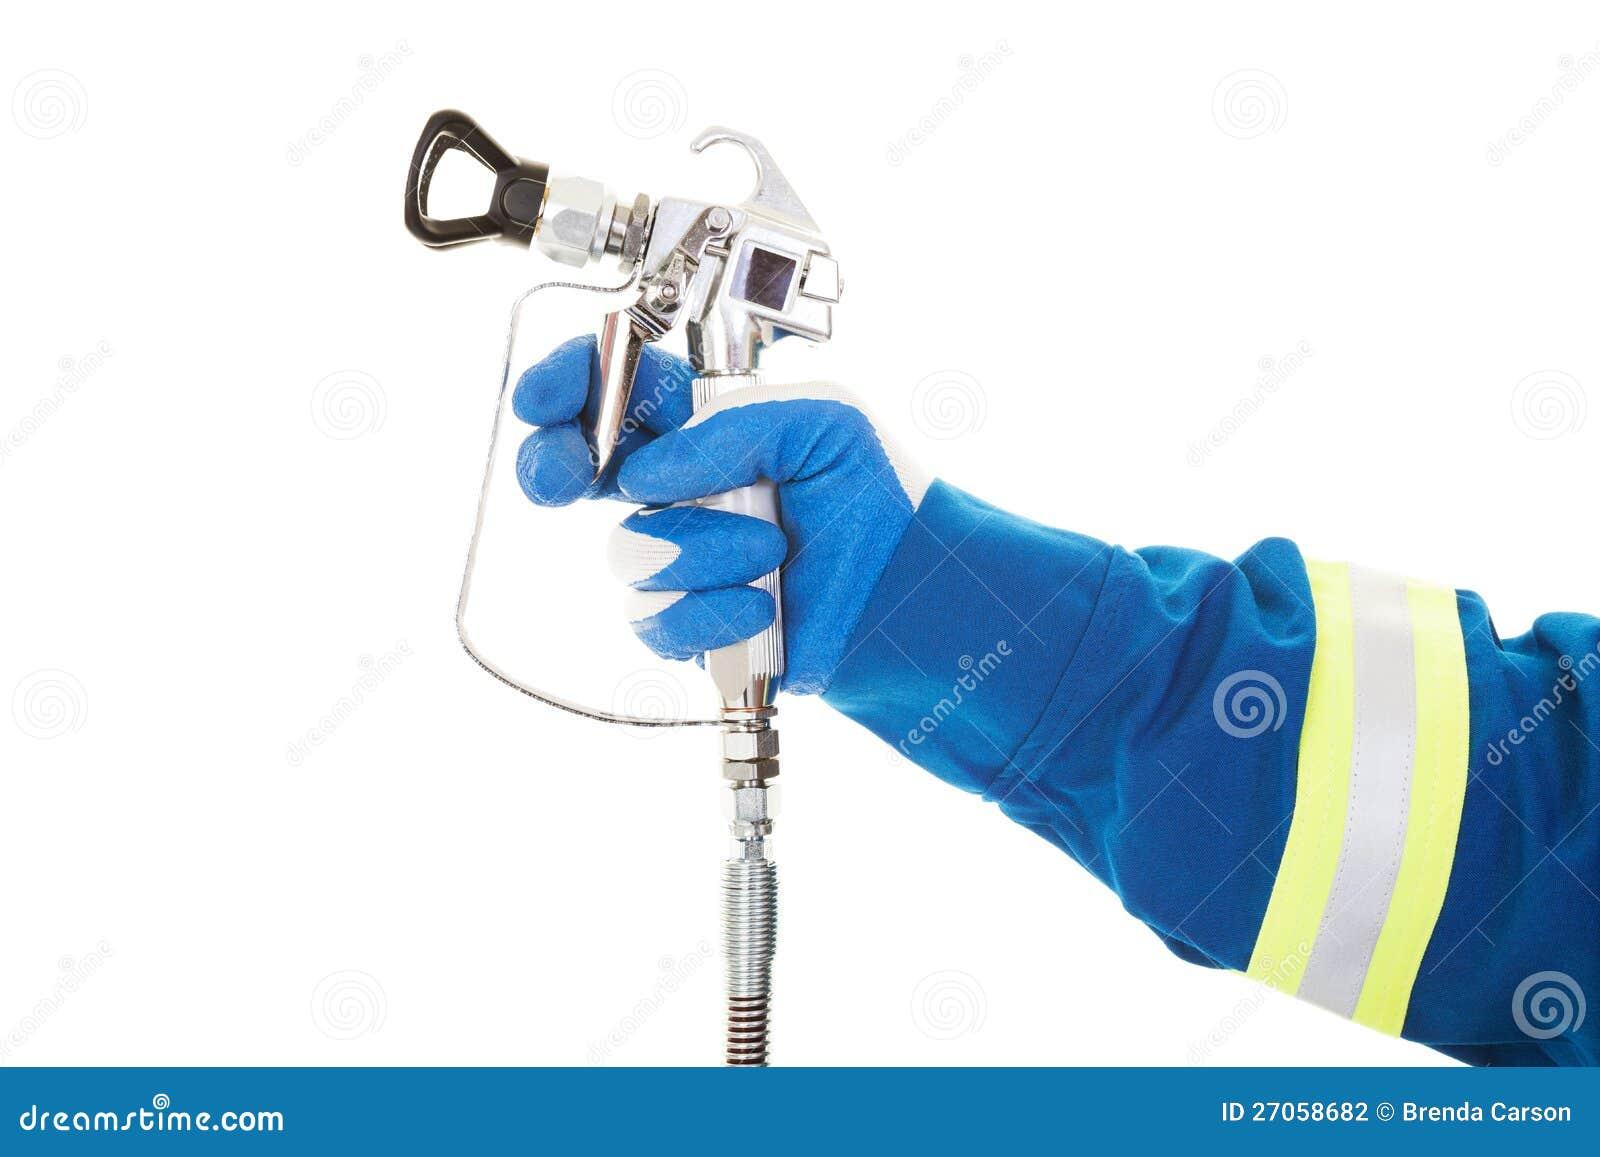 Безвоздушные распылители своими руками